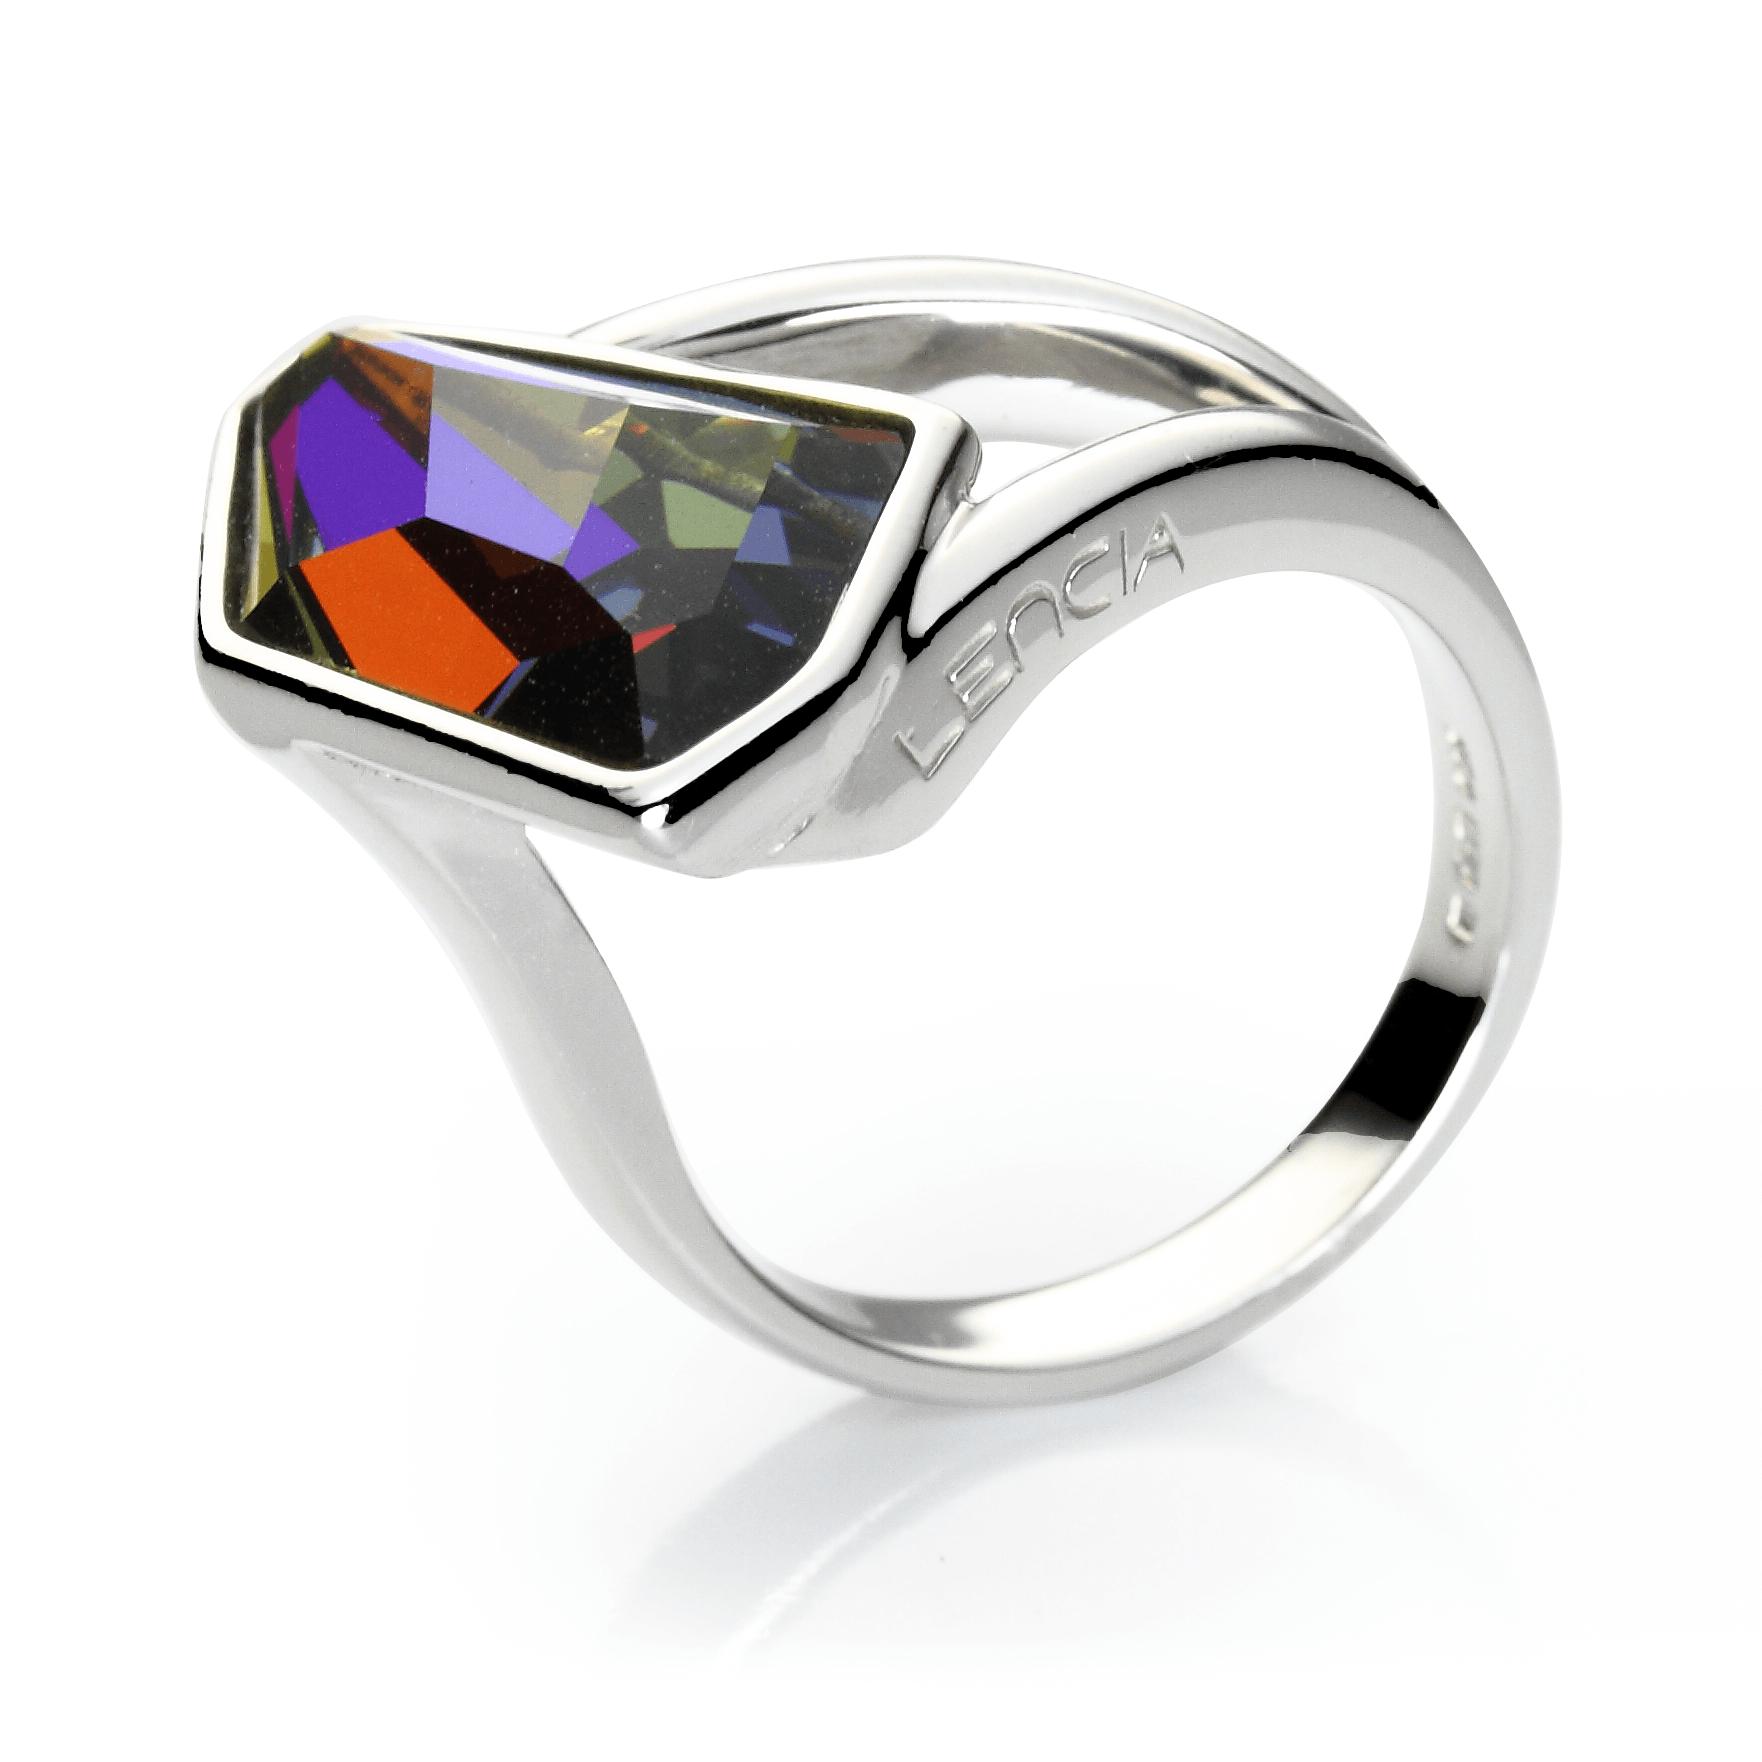 Prstansrebro 925/000rodiniranoSwarovski kristal 18x10